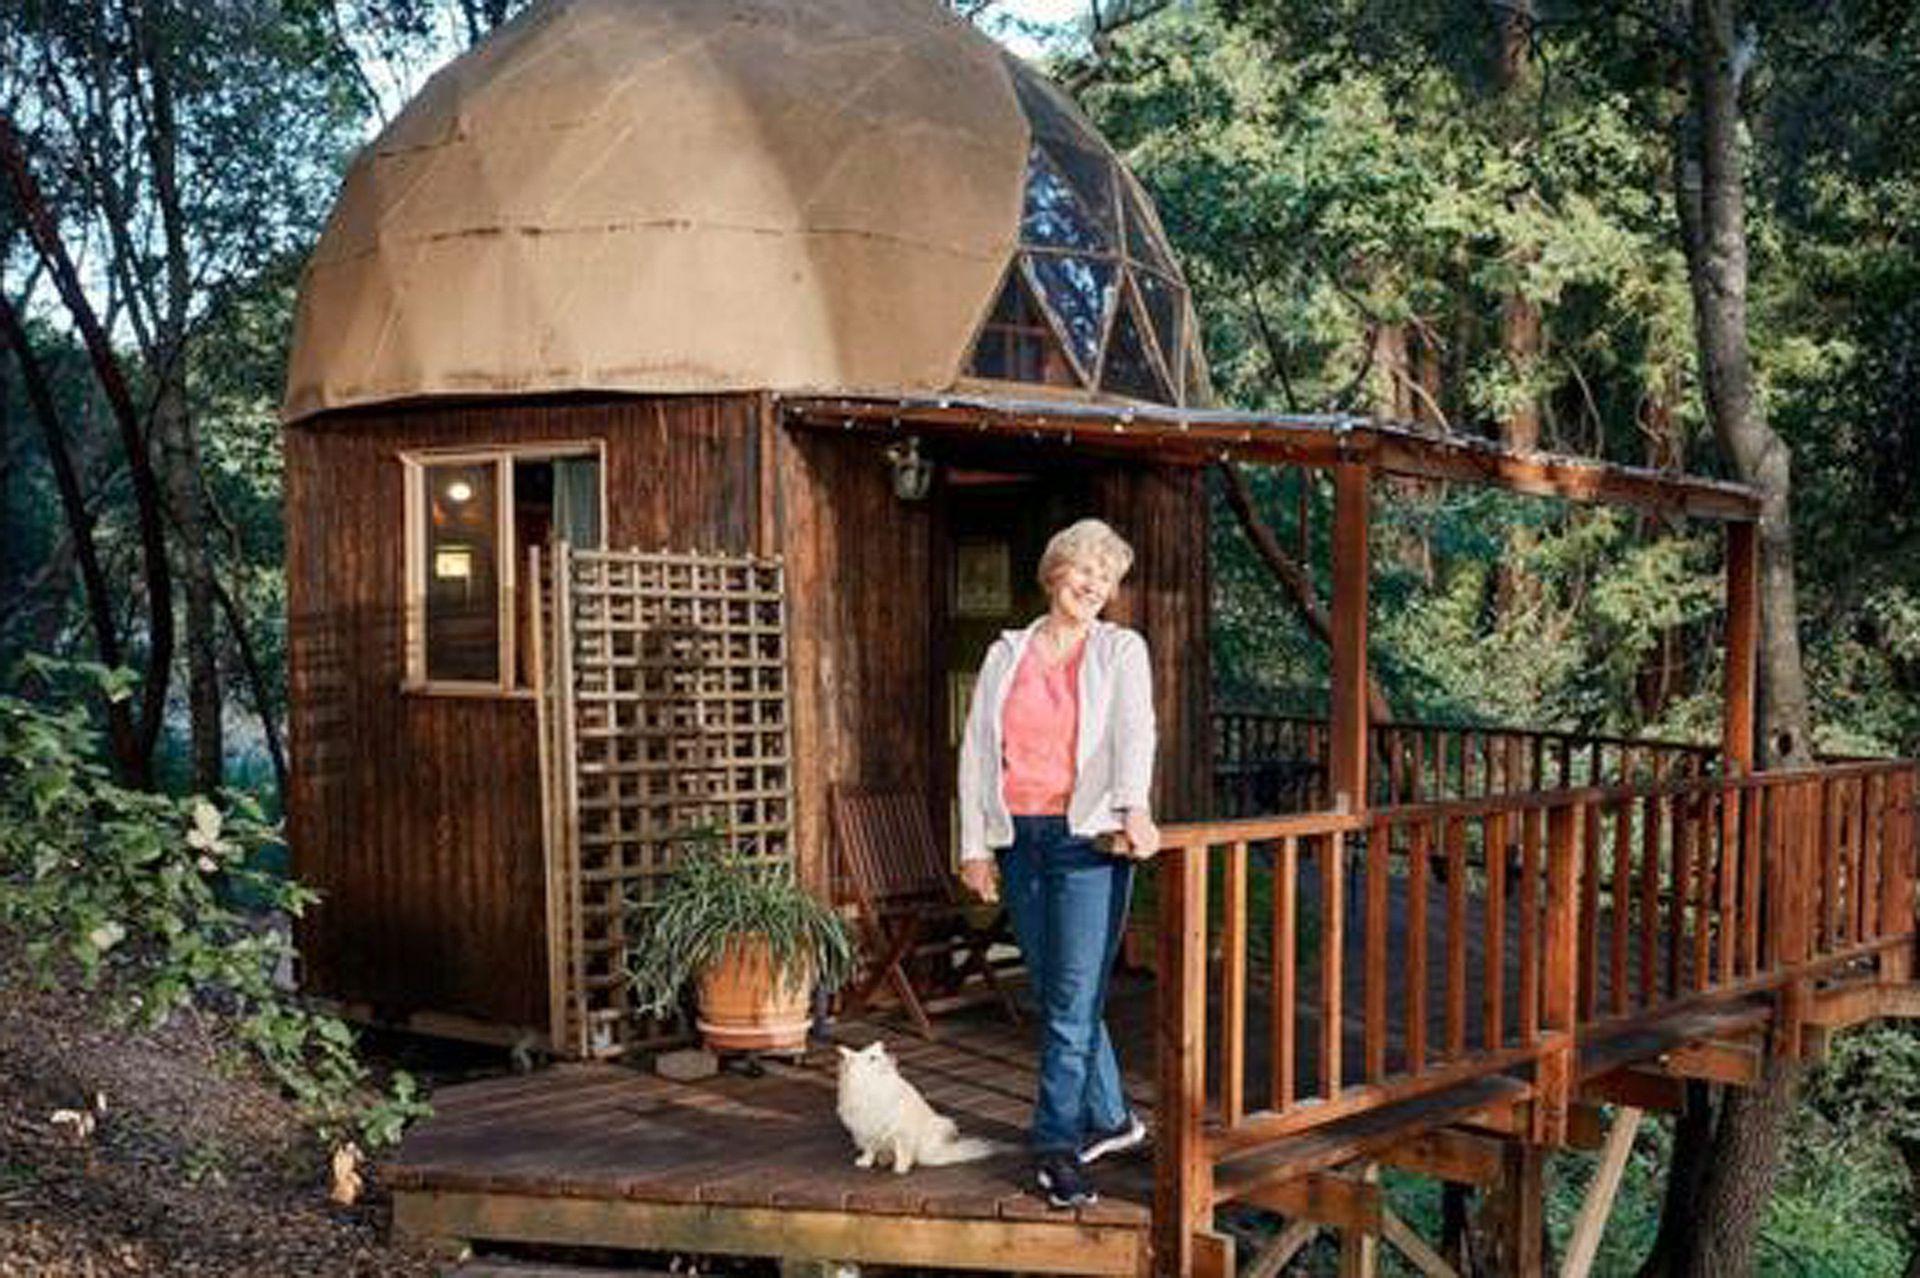 Mushroom Dome en Aptos, California, es el alojamiento de Airbnb con más visitantes